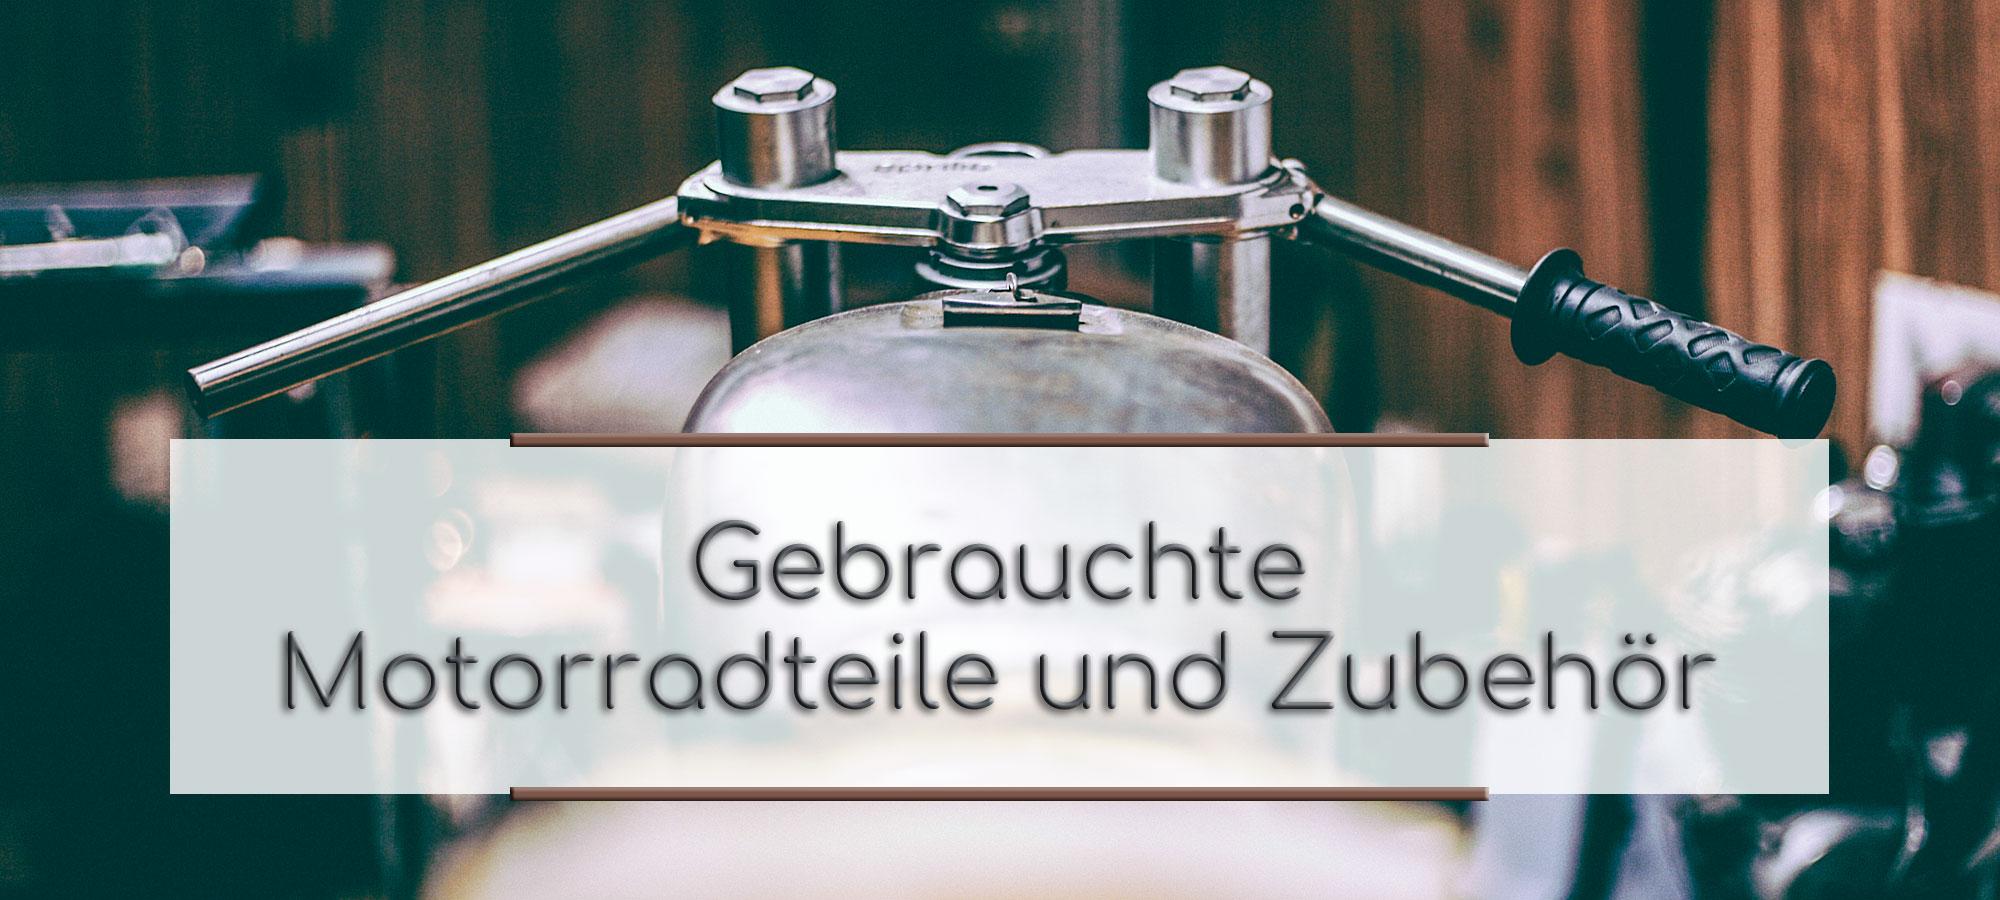 Zu sehen ist der Tank, Lenkkopf und Lenker eines noch nicht fertigen Custombike, welches in einer Werkstatt steht. Im Textfeld steht geschrieben: Gebrauchte Motorradteile und Zubehoer.